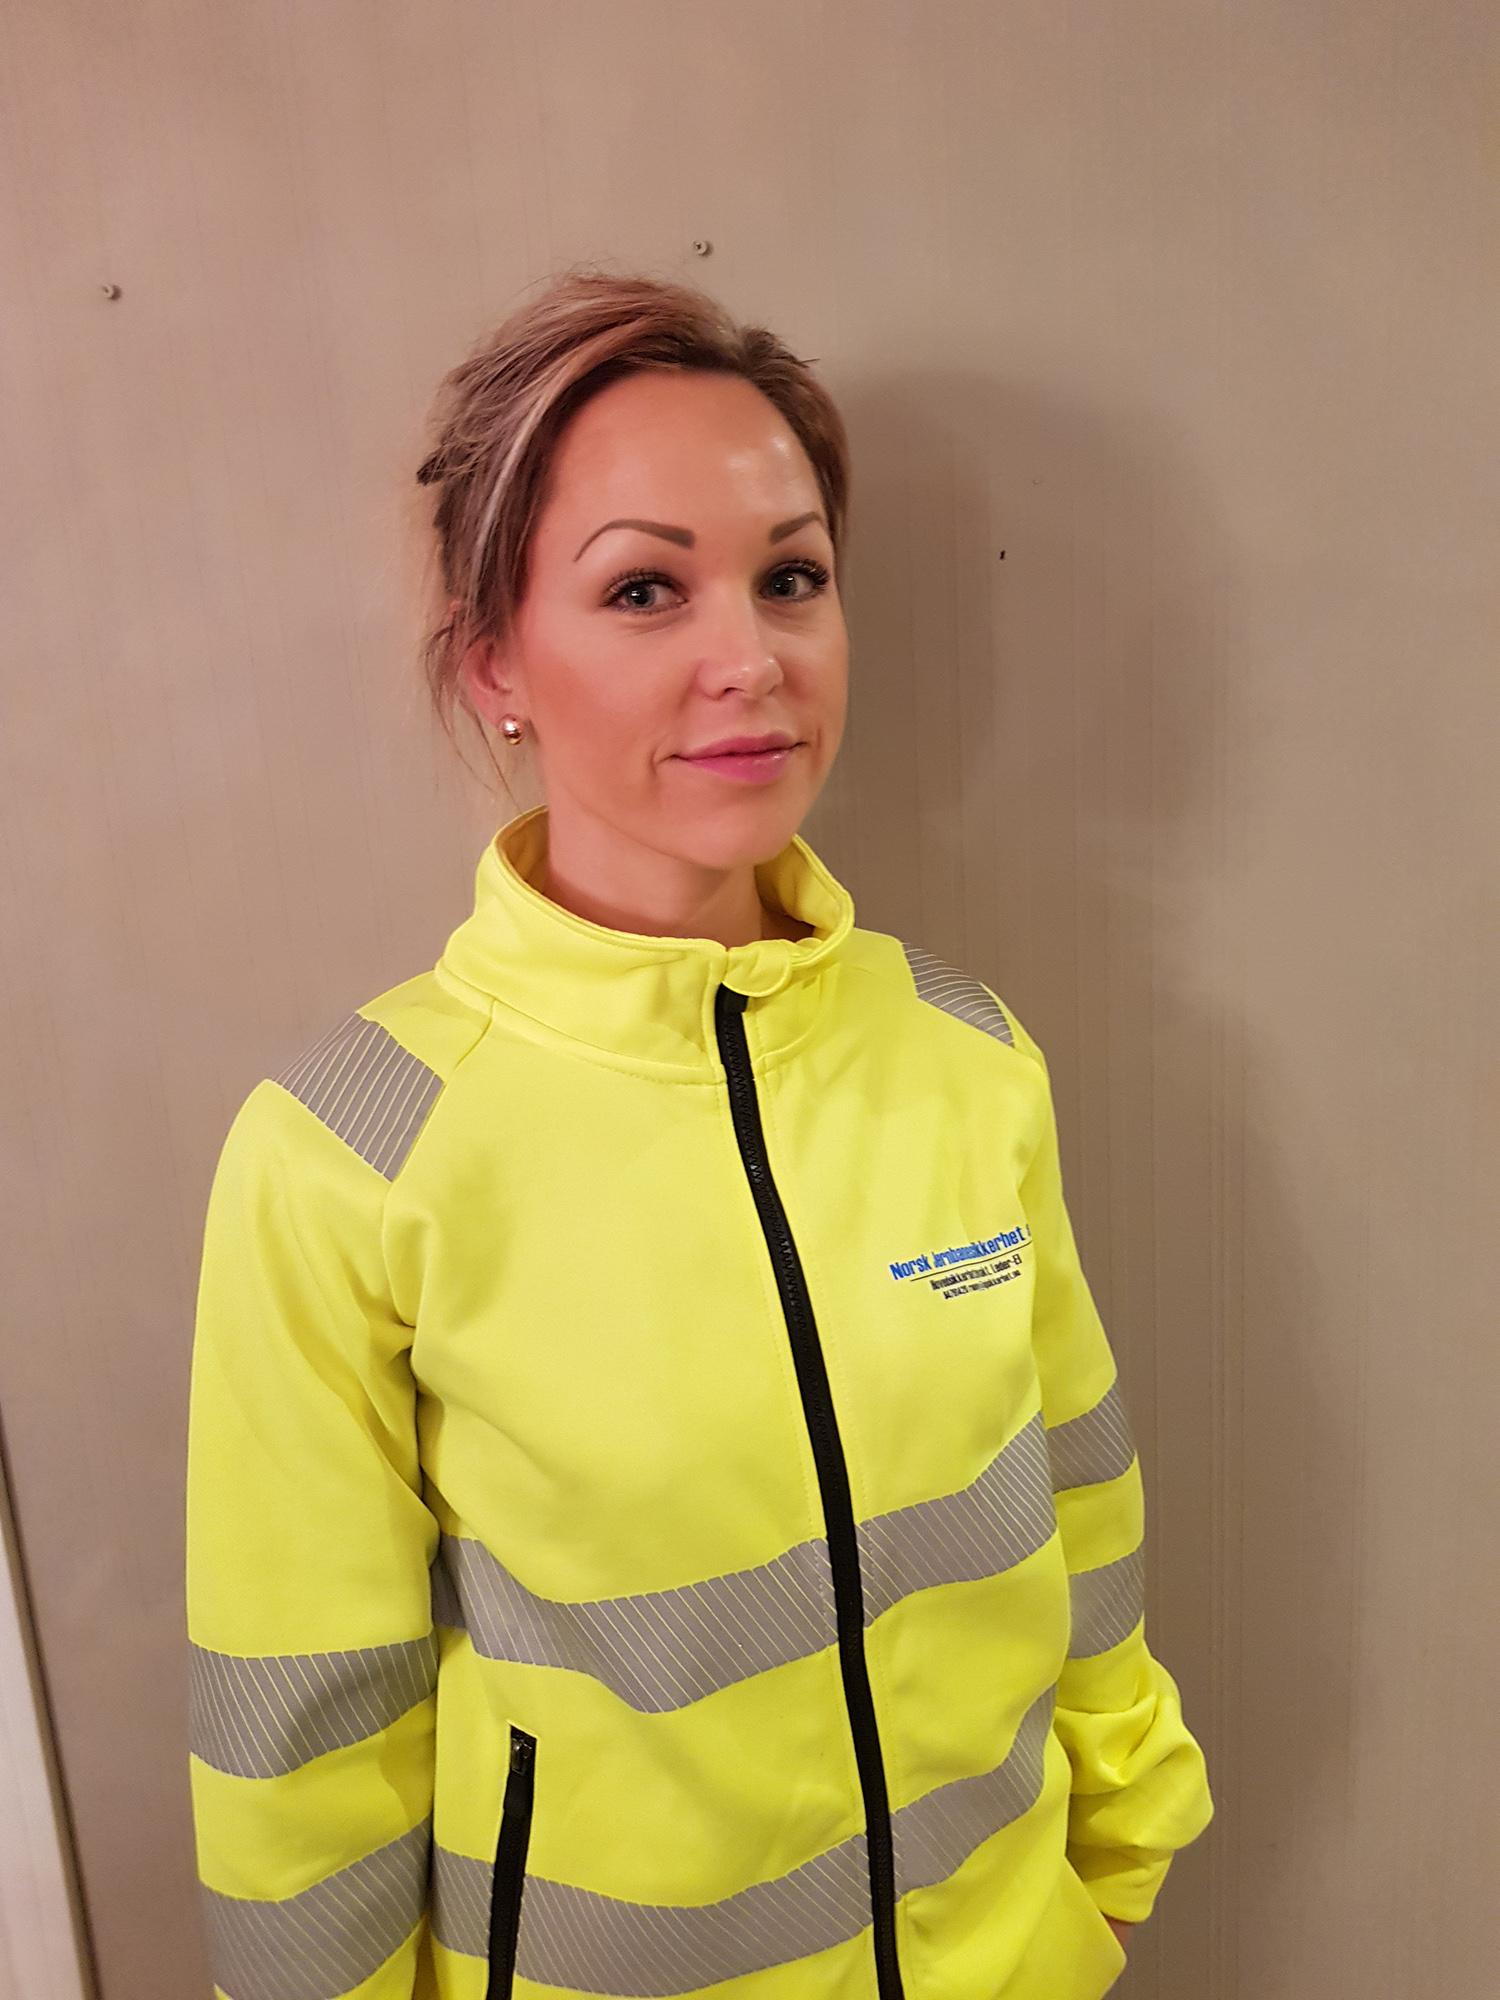 Ny-ansatt-Norsk-Jernbanesikkerhet-Hovedsikkerhetsvakt-Ann-Charlott